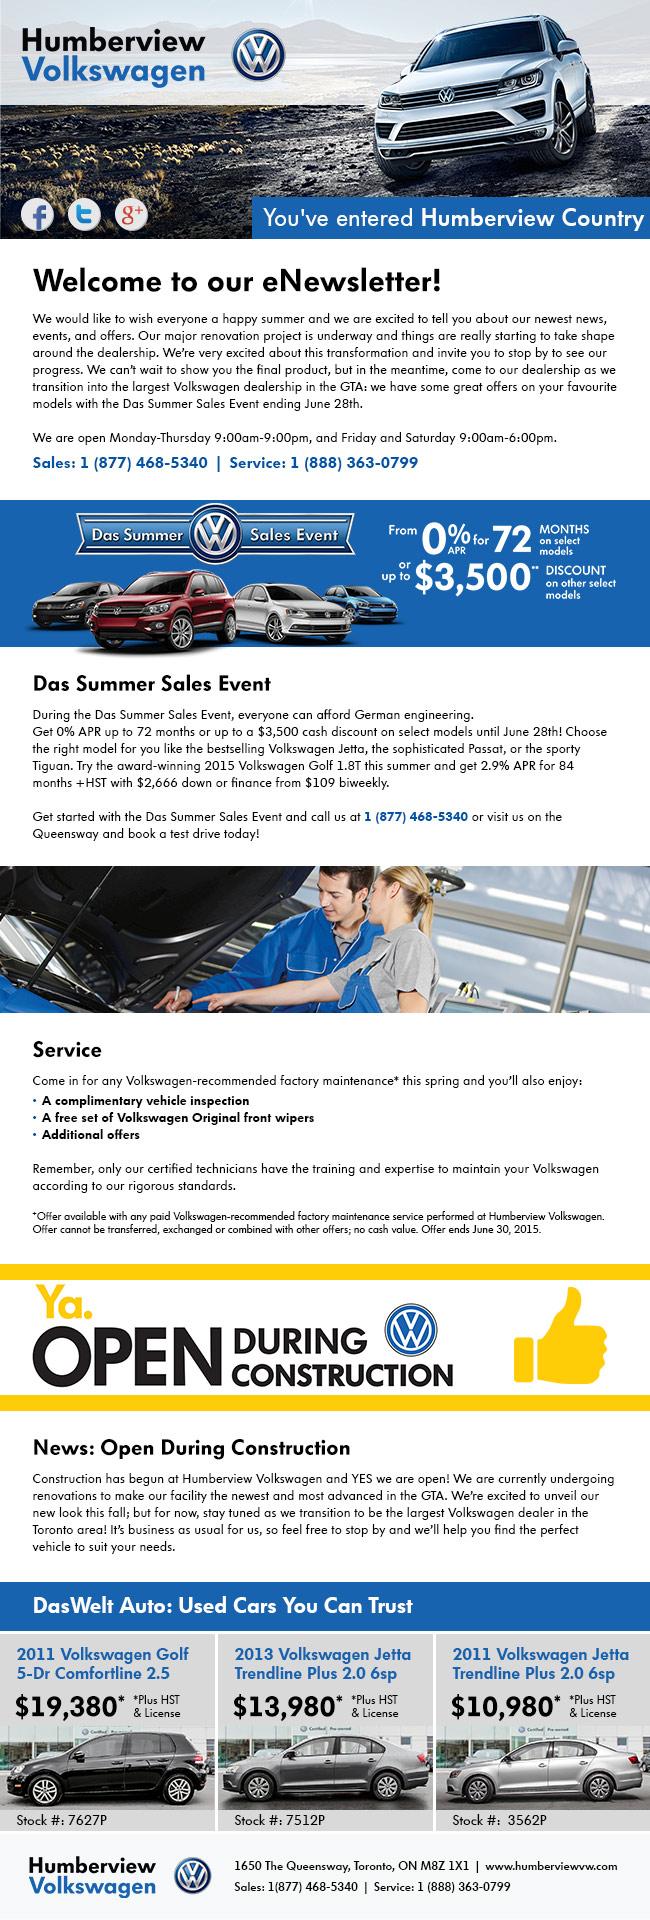 Humberview Volkswagen June Newsletter